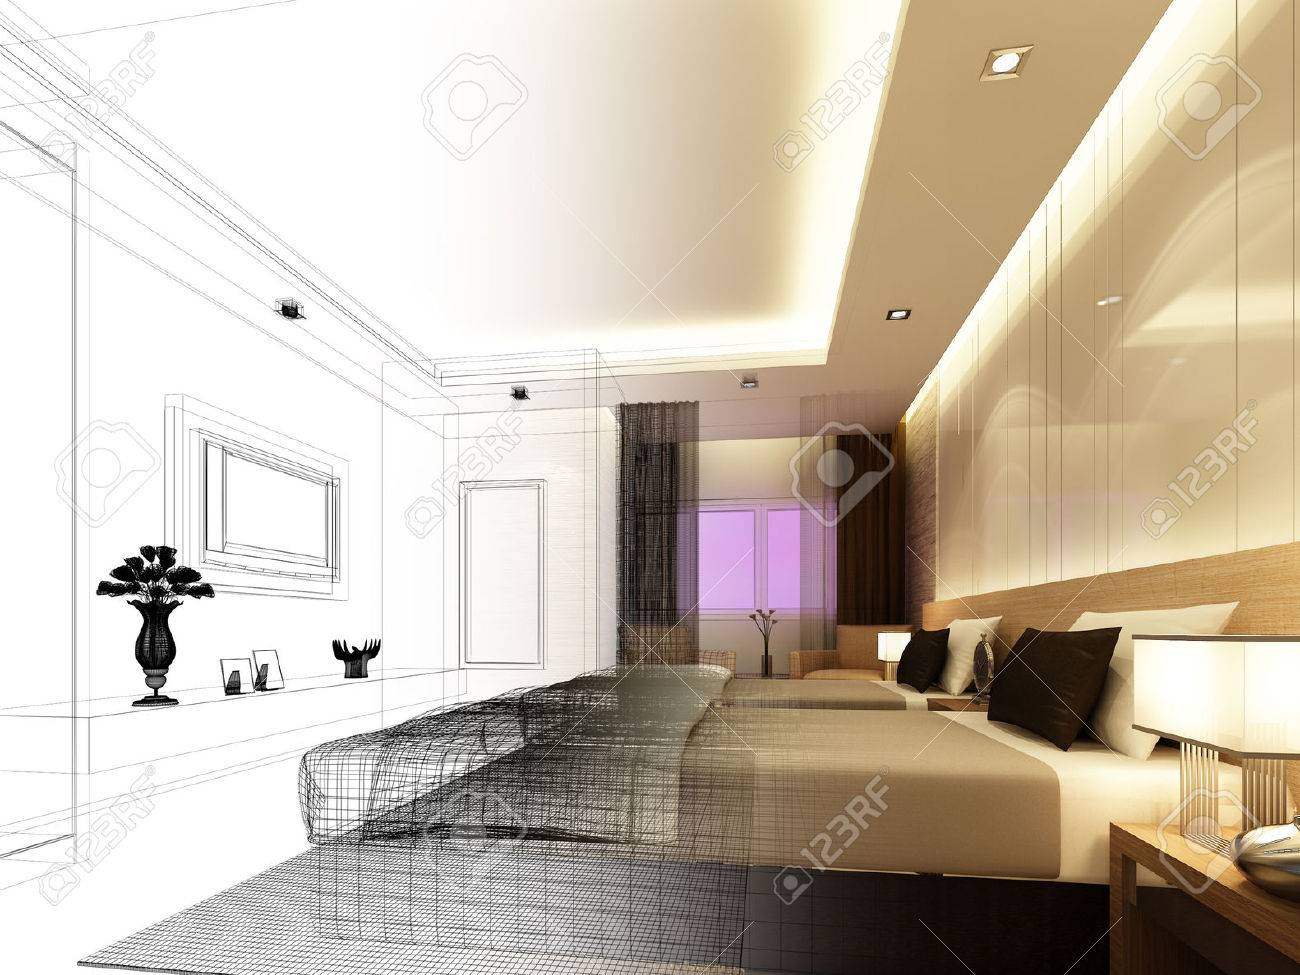 sketch design of interior bedroom Archivio Fotografico - 25243330